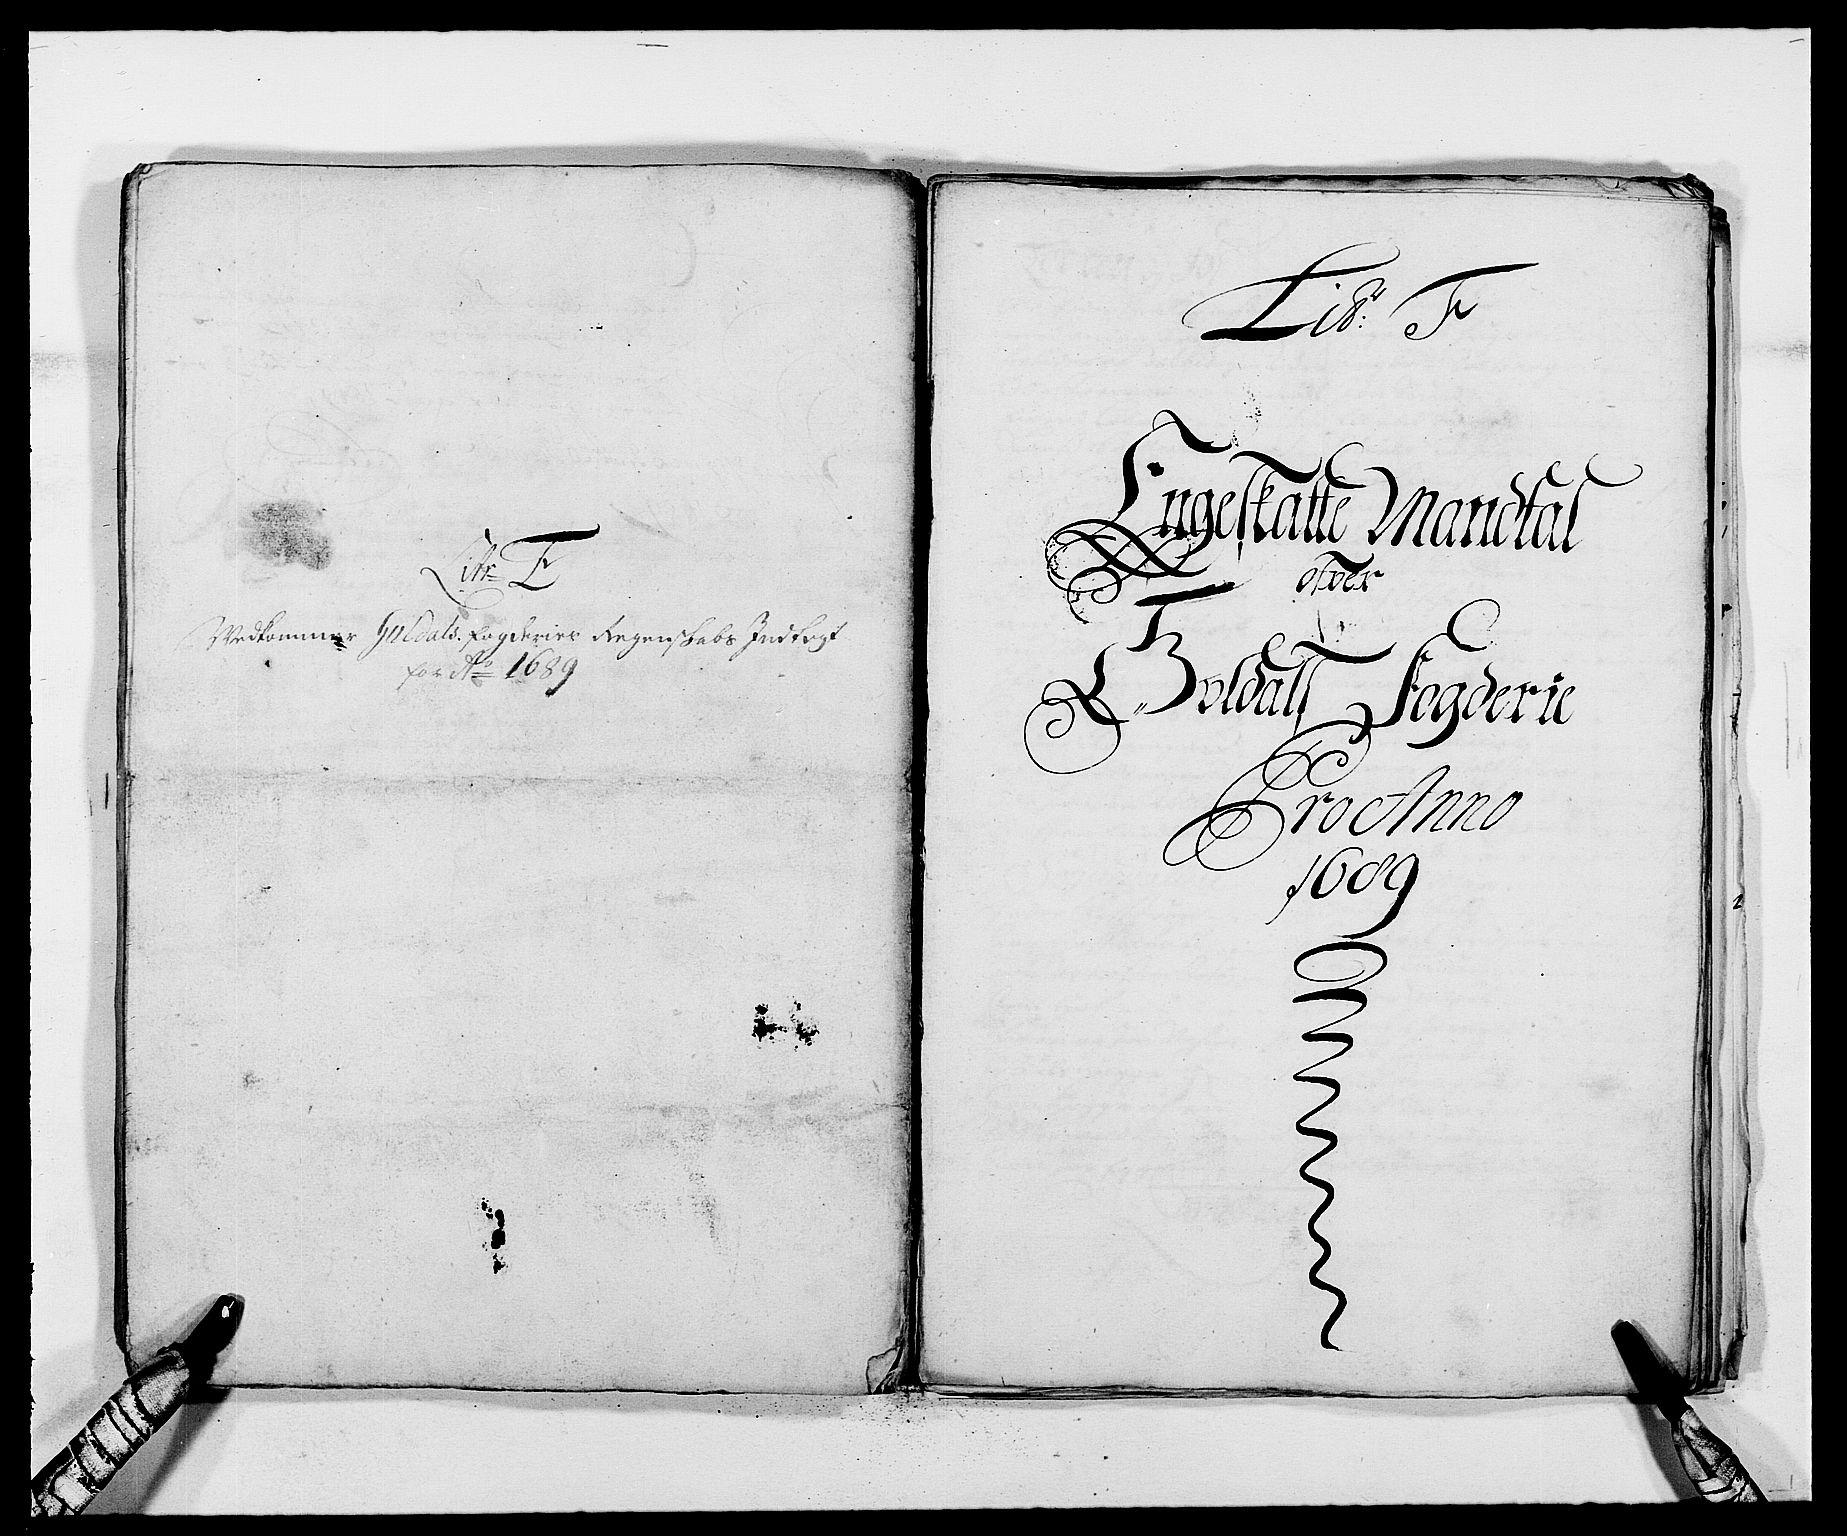 RA, Rentekammeret inntil 1814, Reviderte regnskaper, Fogderegnskap, R59/L3940: Fogderegnskap Gauldal, 1689-1690, s. 73